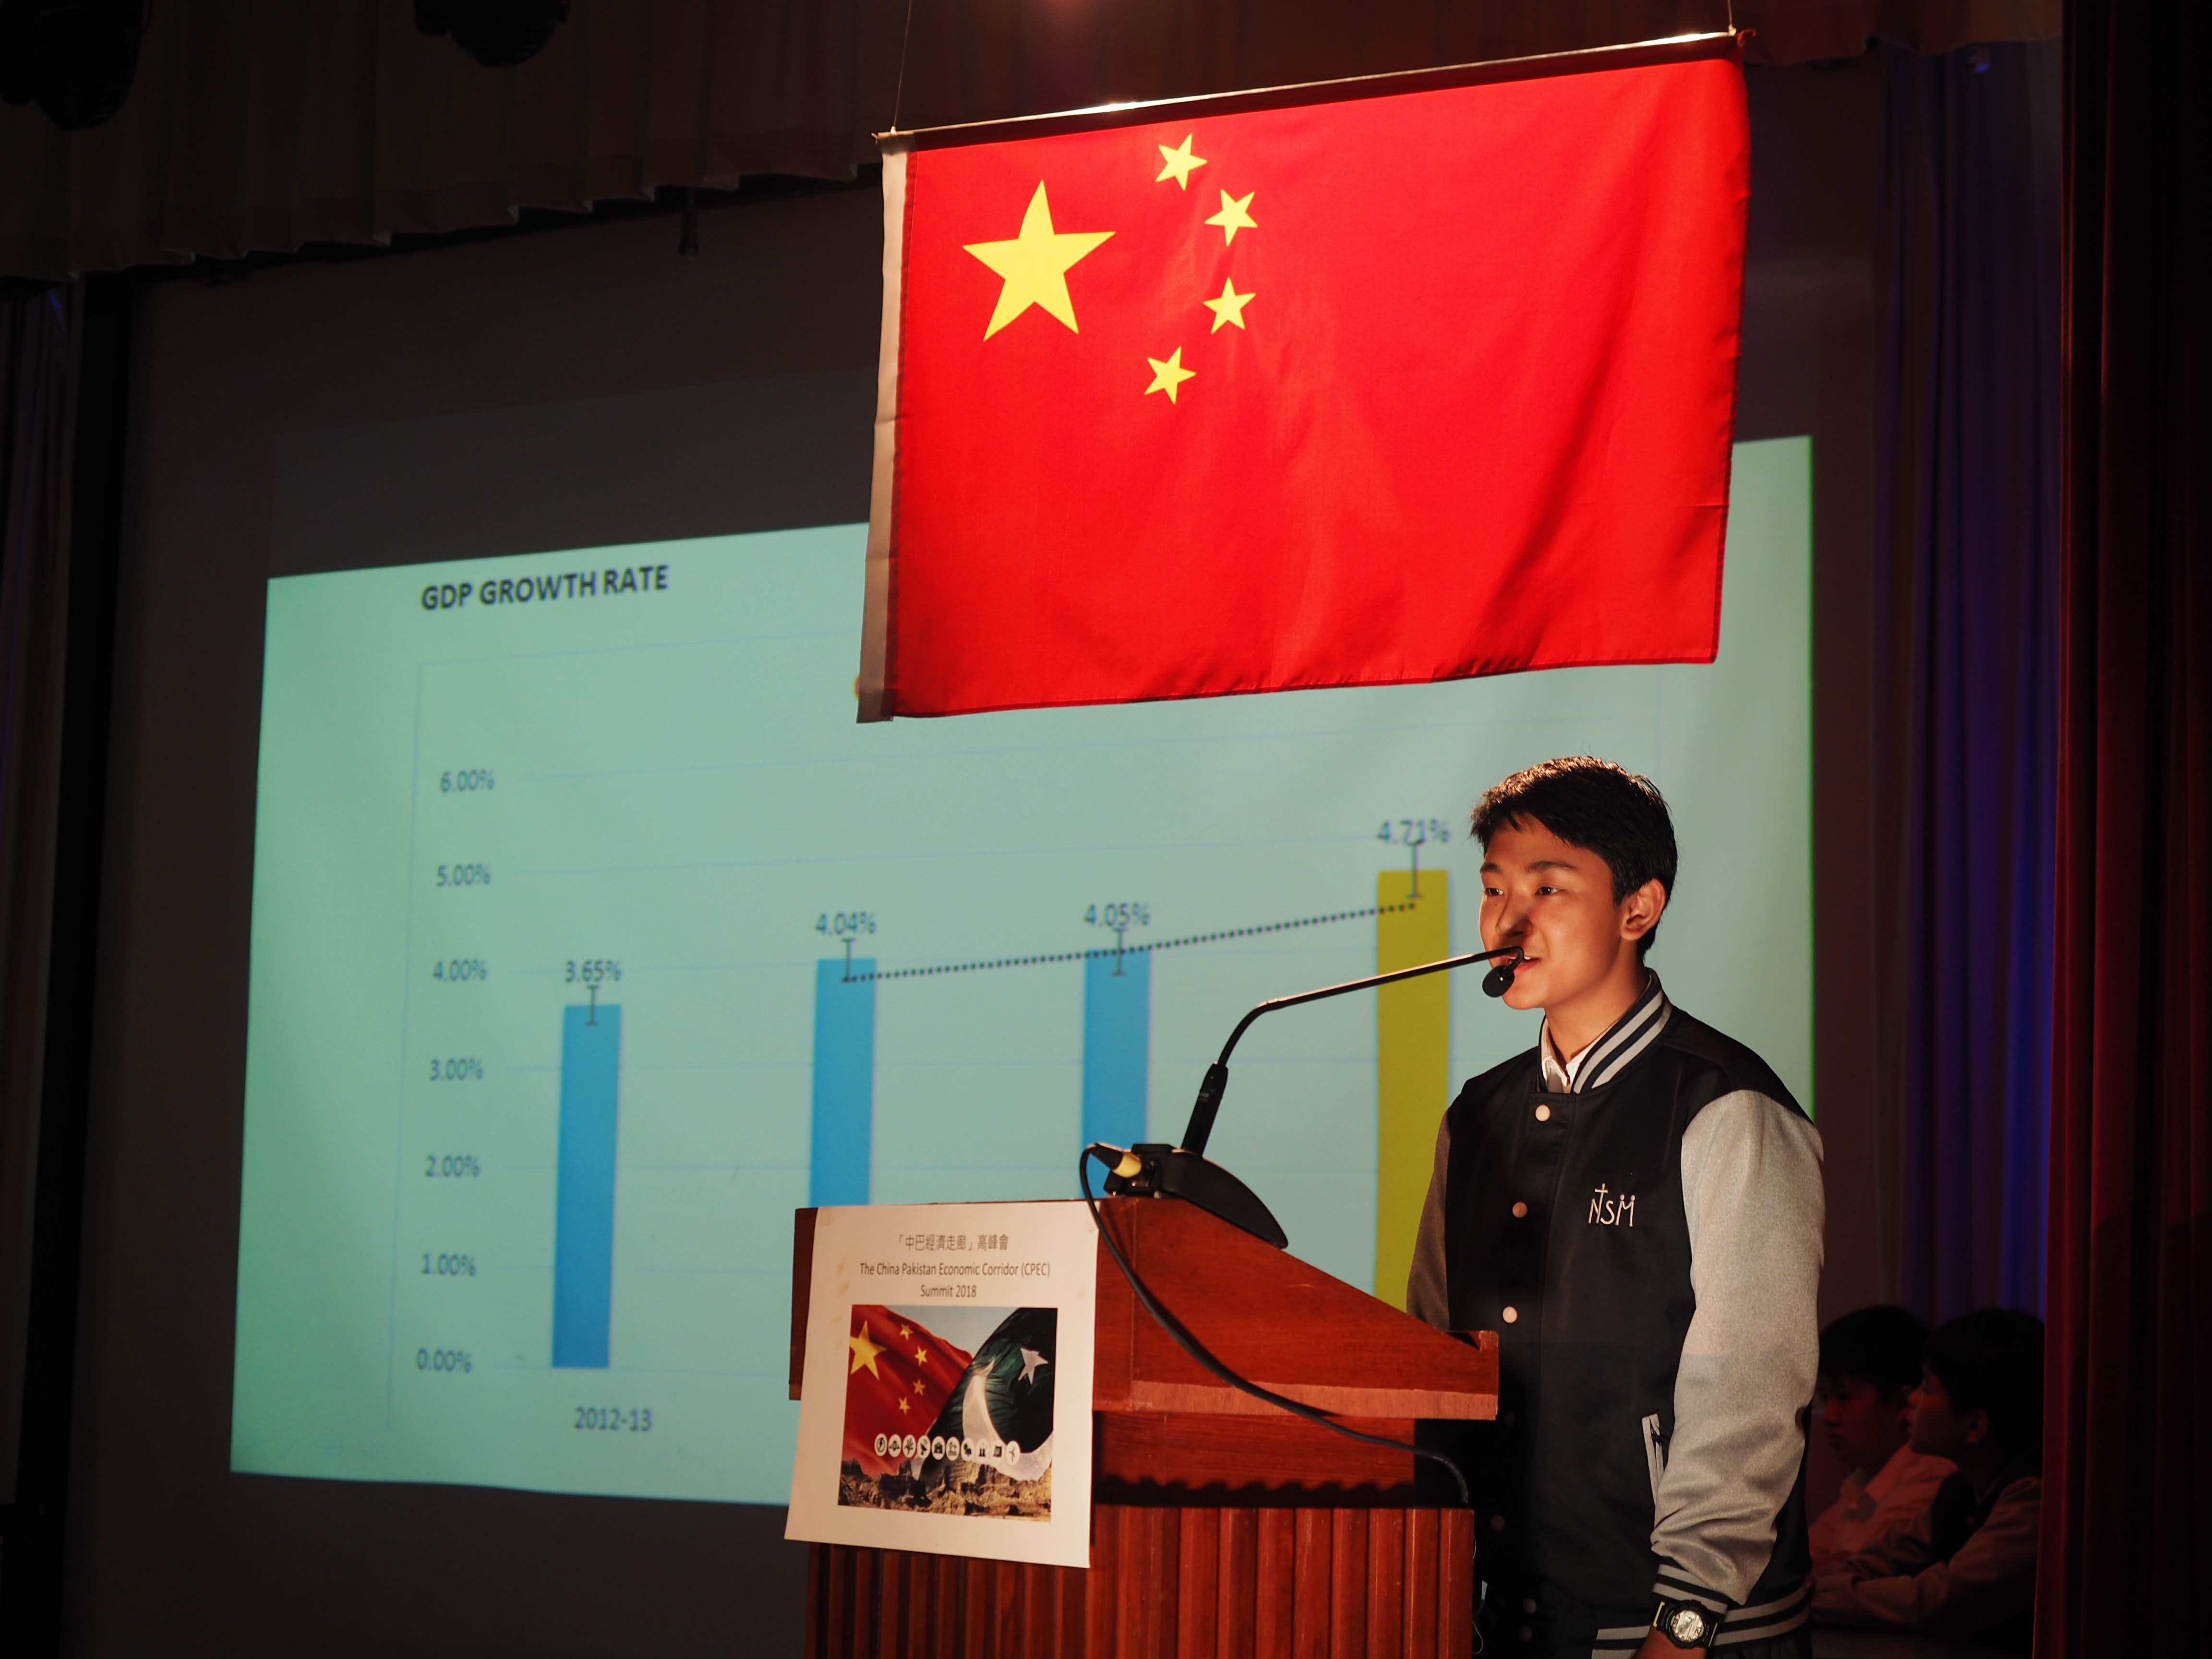 天主教慈幼會伍少梅中學的「中巴經濟走廊」高峰會活動相片21